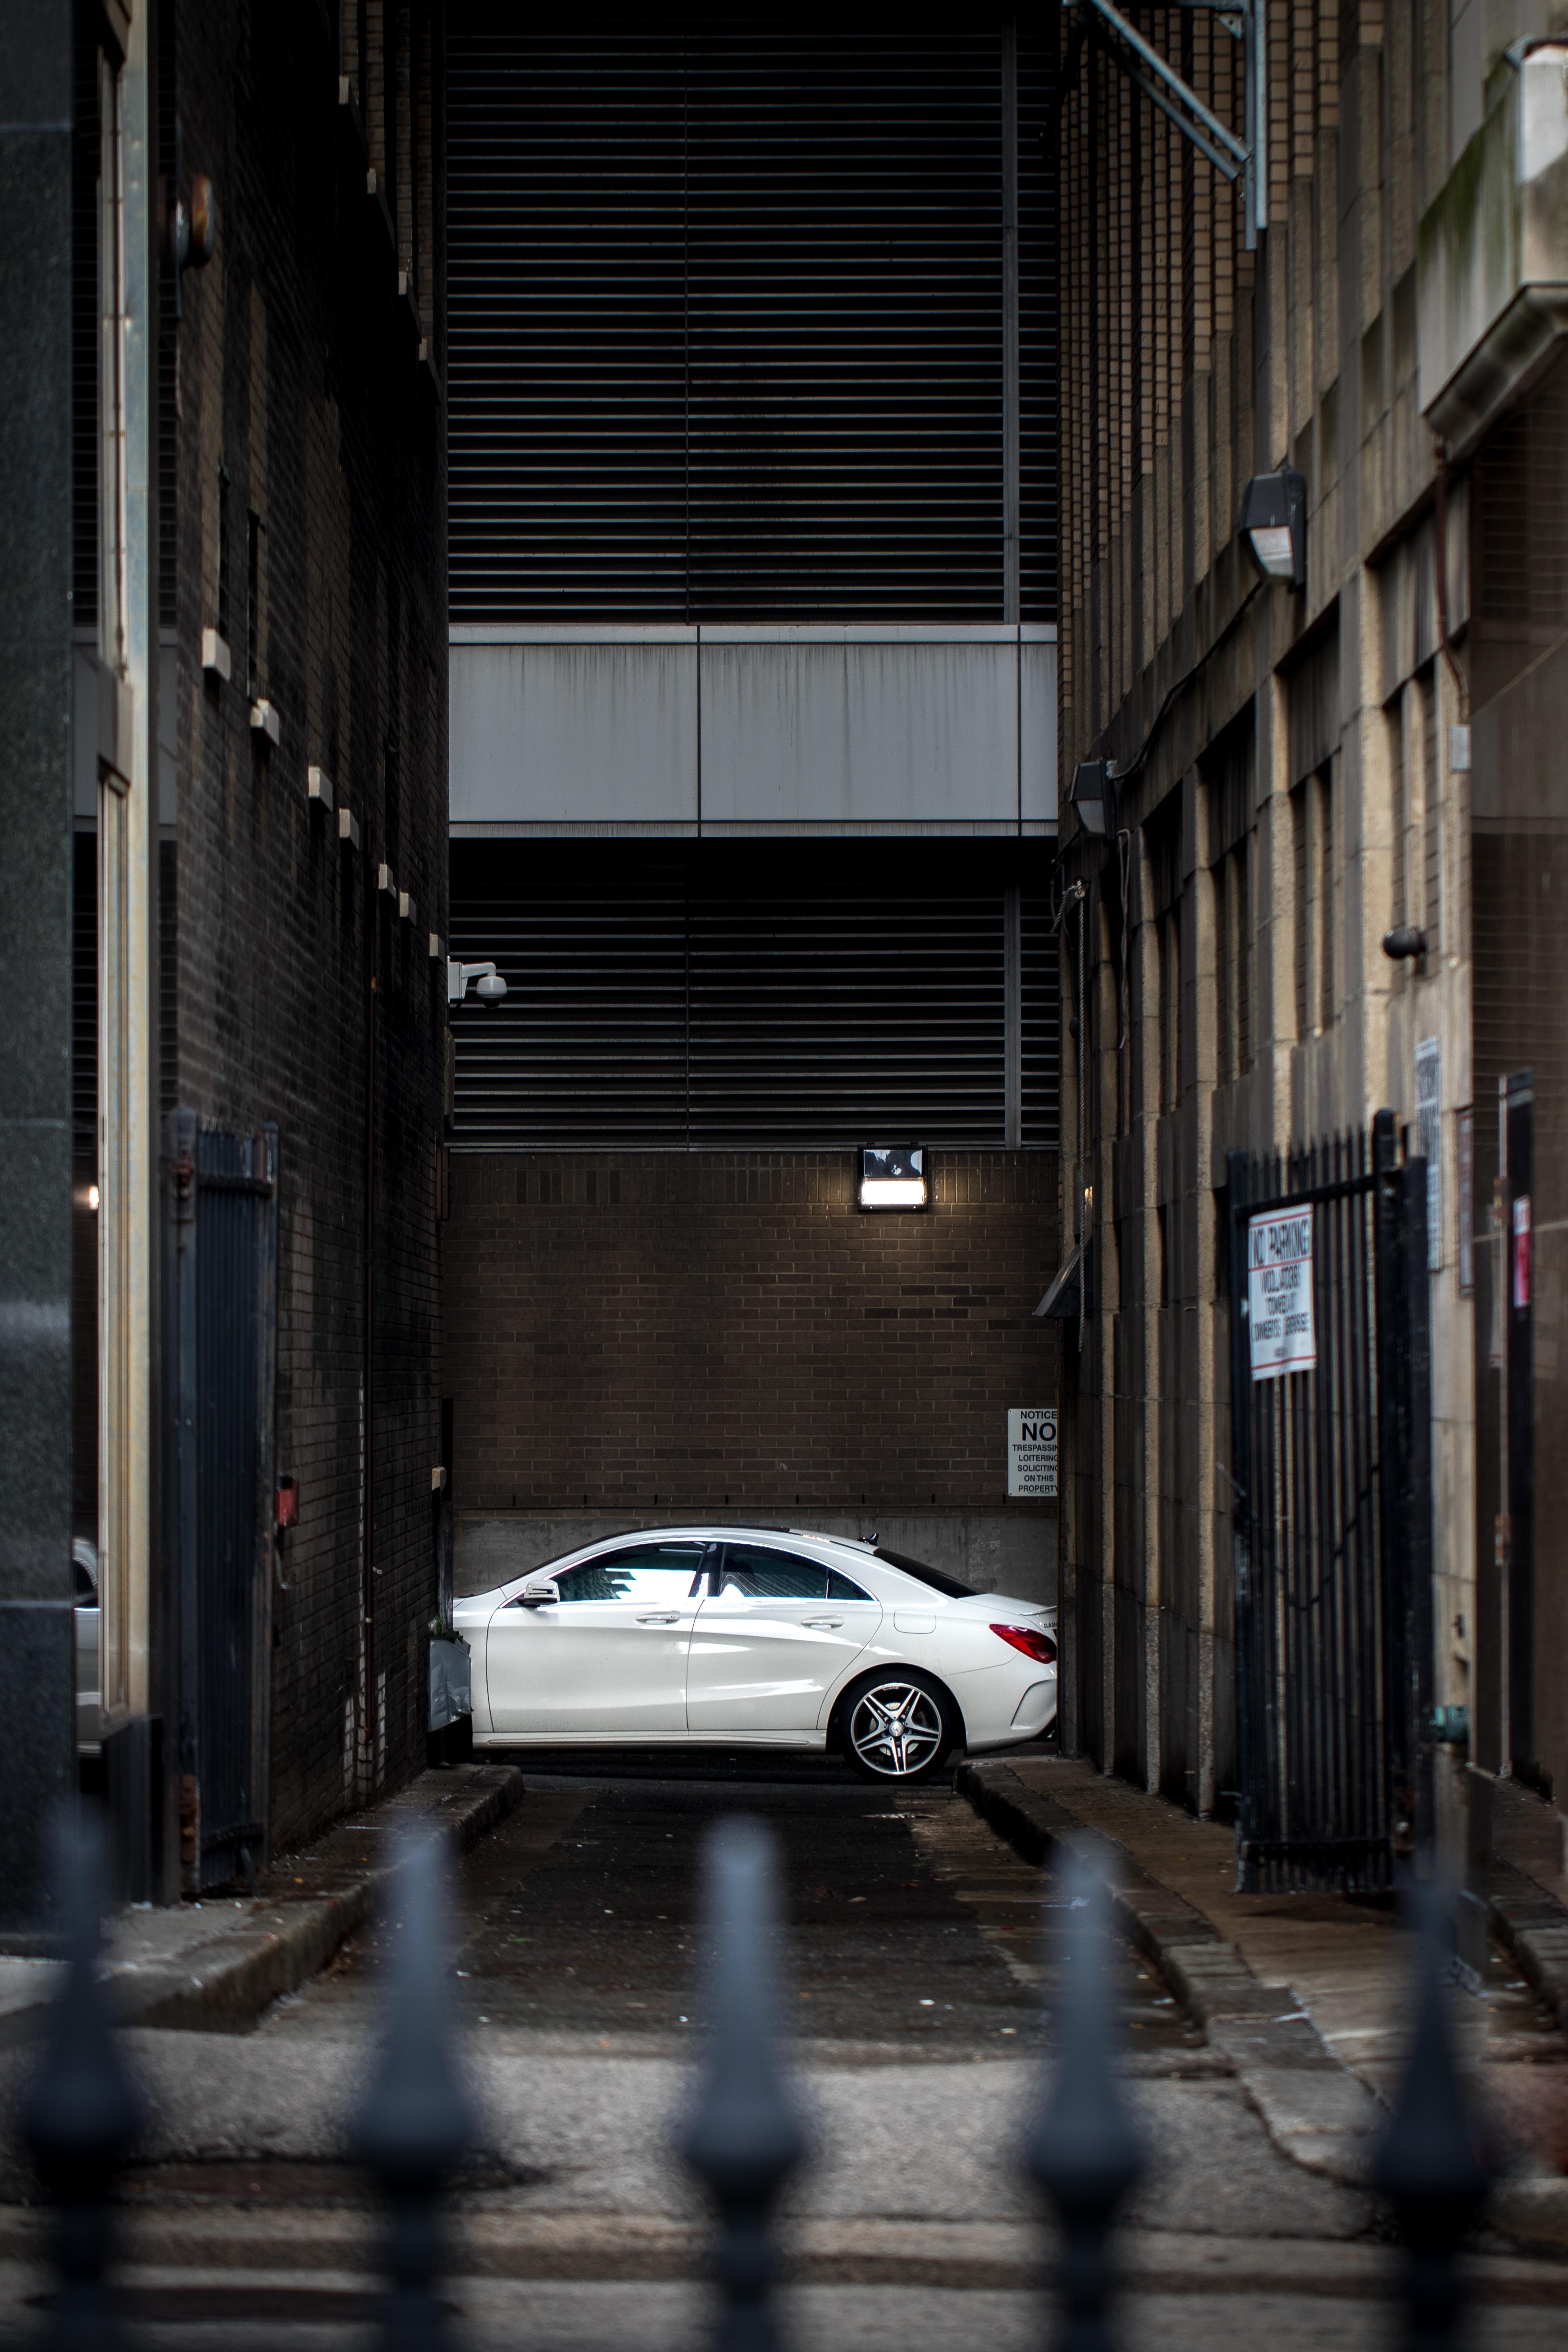 in distant white sedan